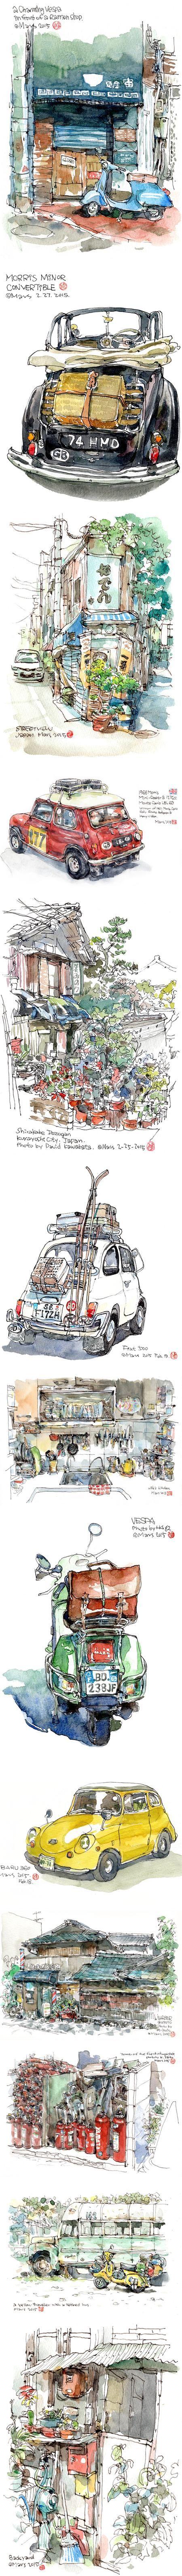 Mars Huang (B6 Drawing Man), watercolor and ink sketches